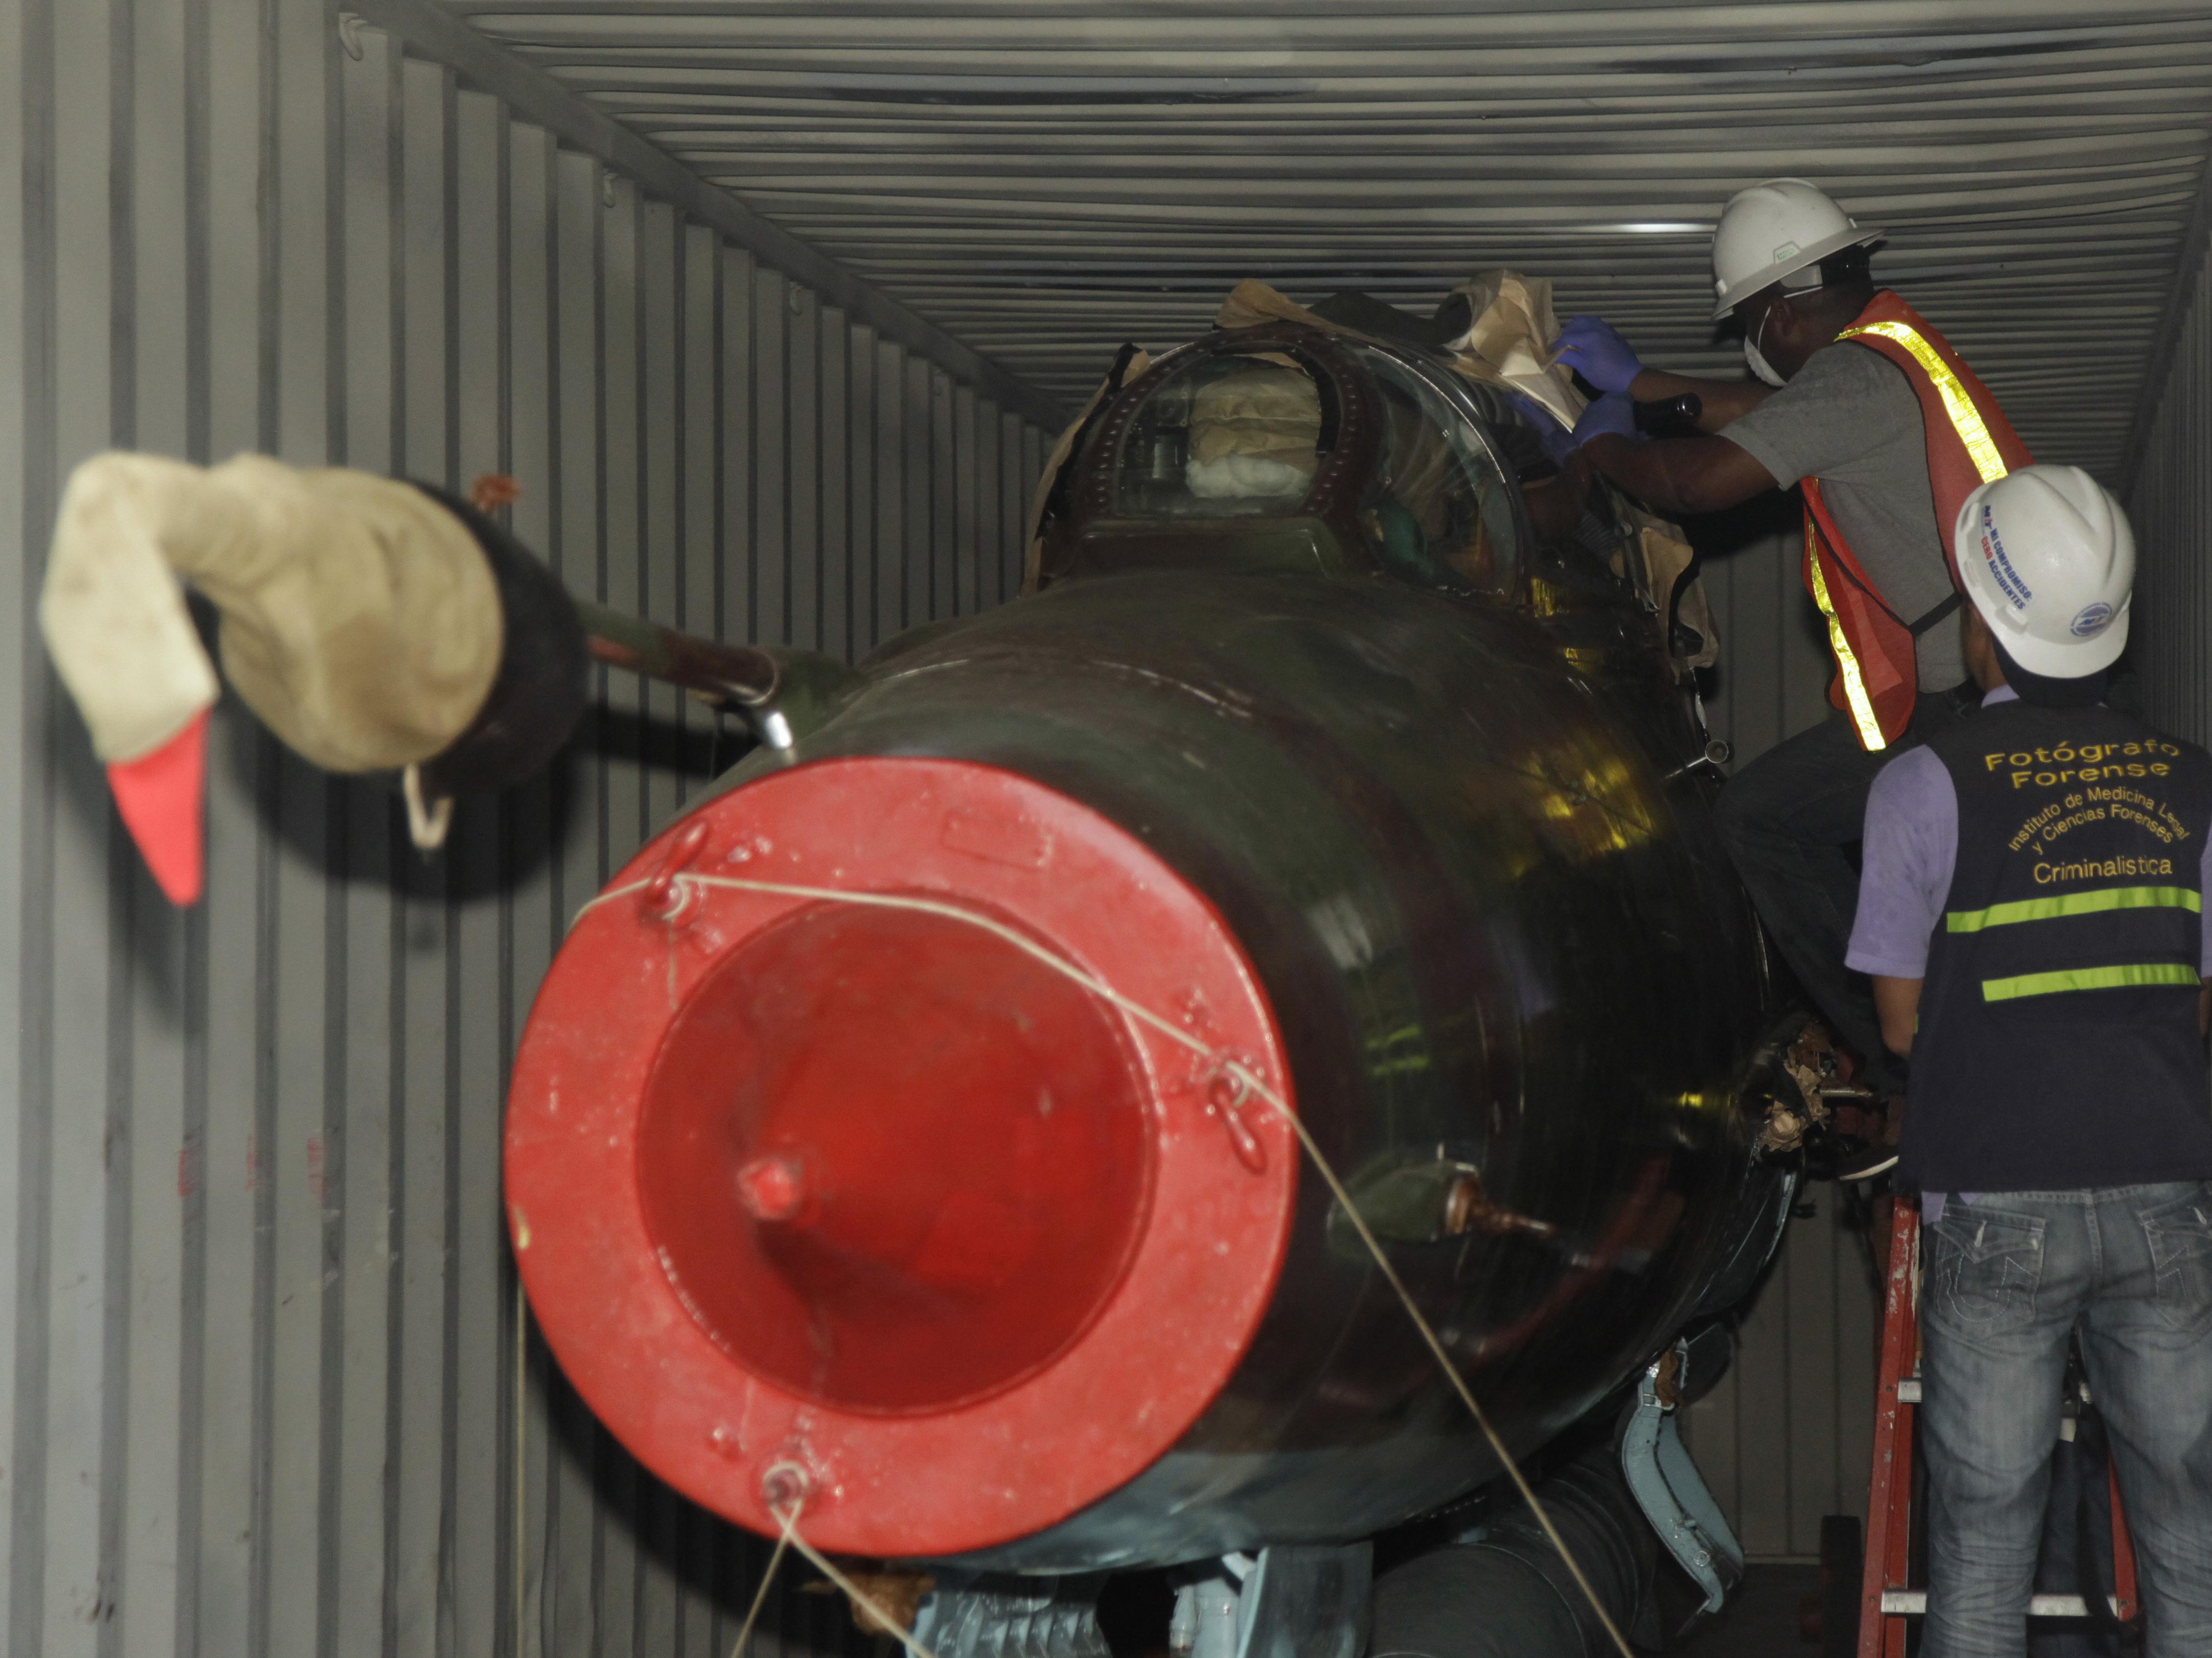 Panama To Free Crewmembers Of Seized North Korean Ship